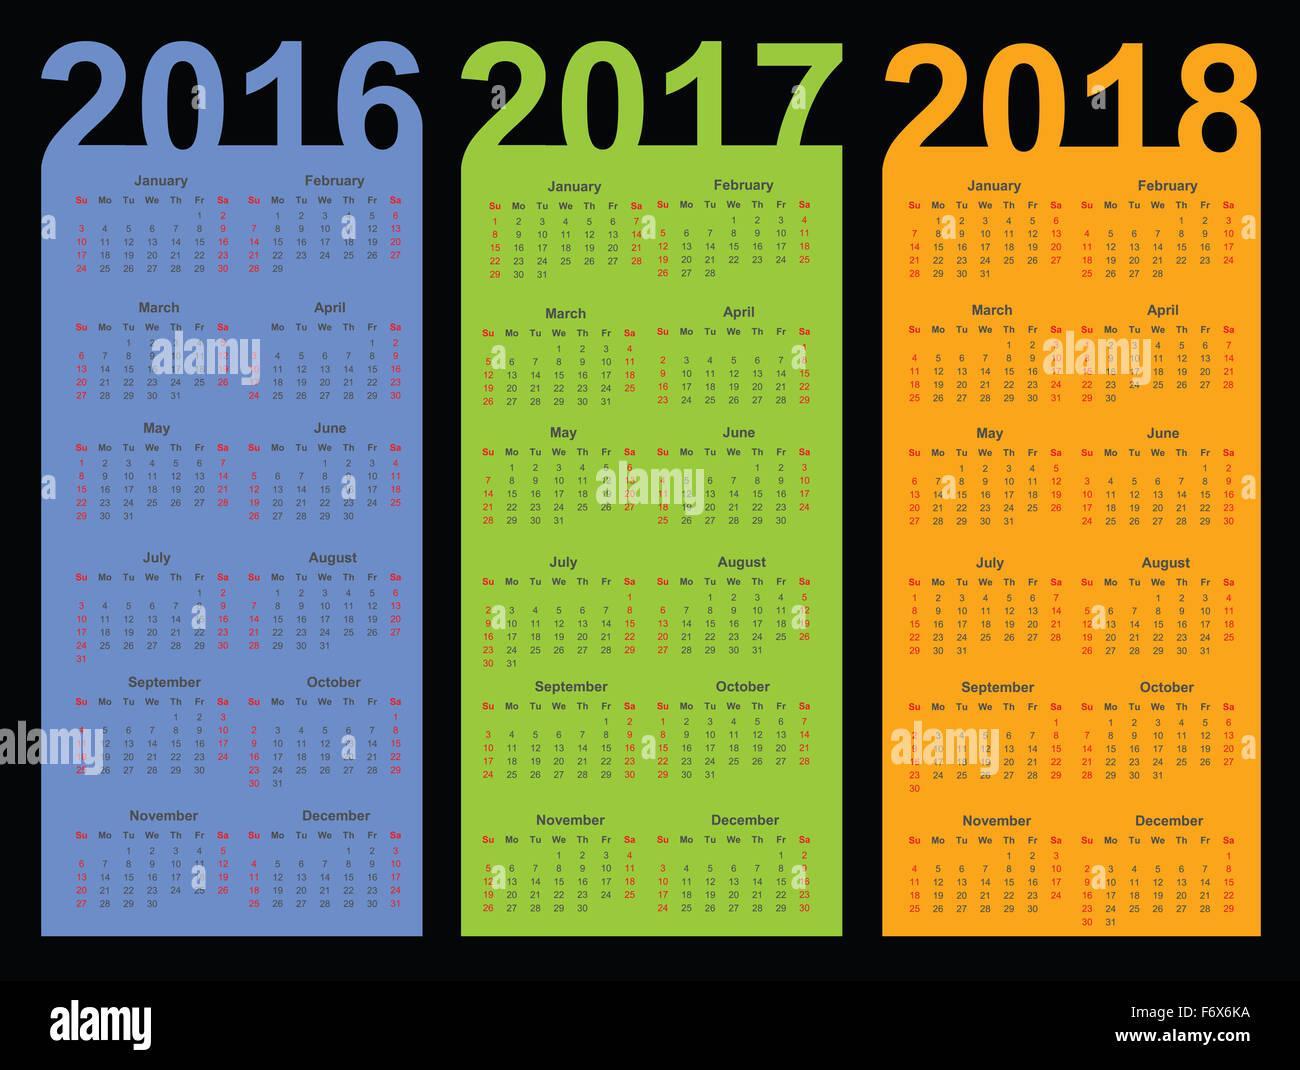 calendar 2016 2017 2018 year stock photos calendar 2016 2017 2018